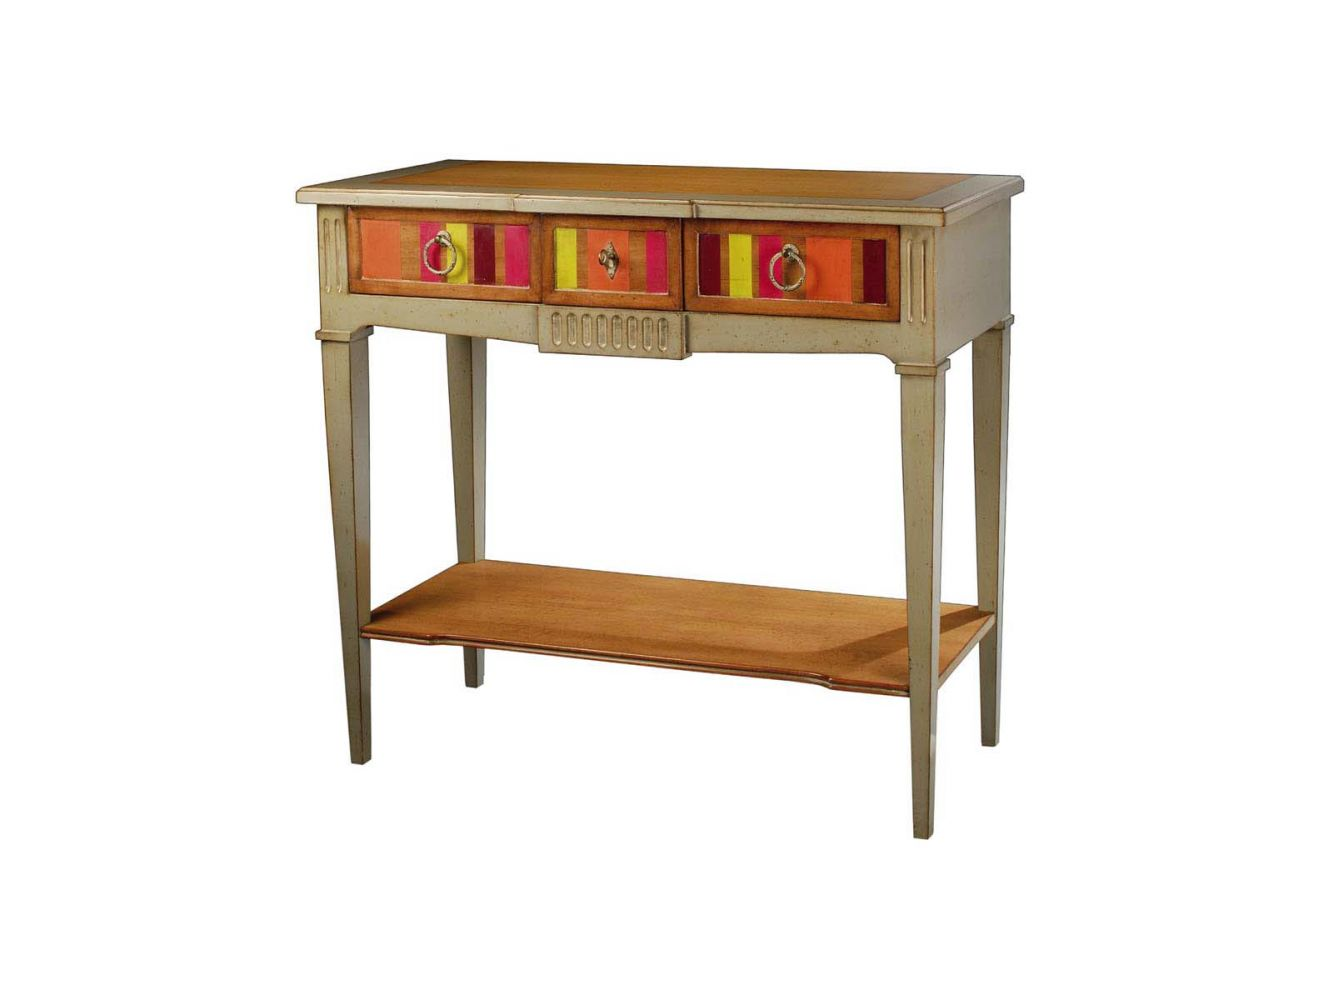 Labar re marque de meuble depuis 1870 meuble et for Marque mobilier design